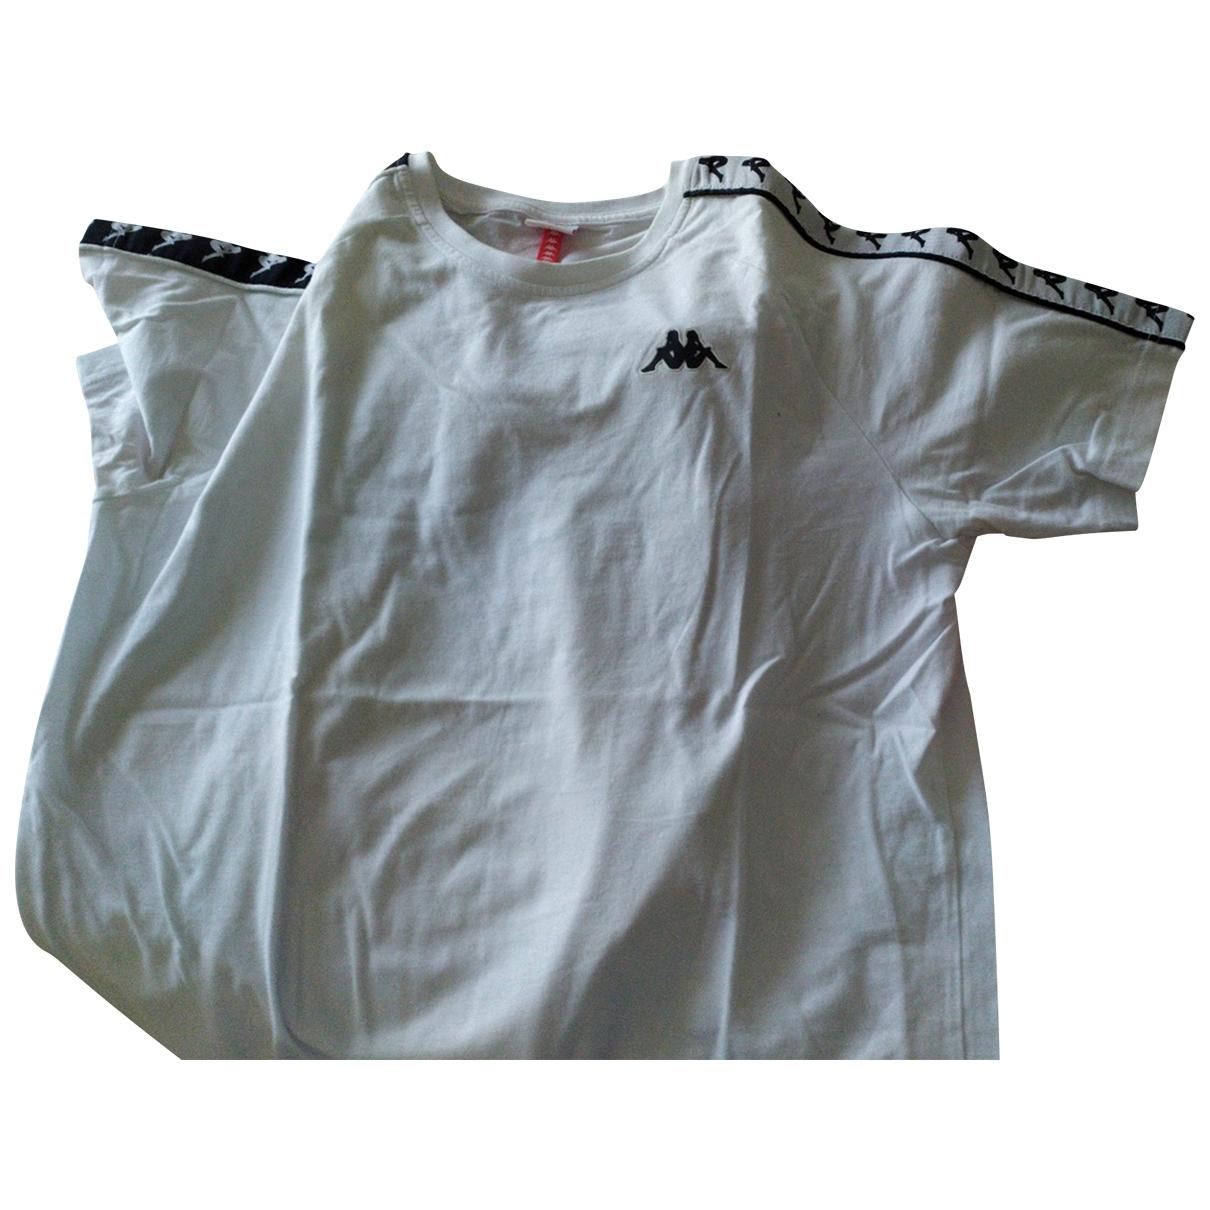 Kappa - Tee shirts   pour homme en coton - blanc